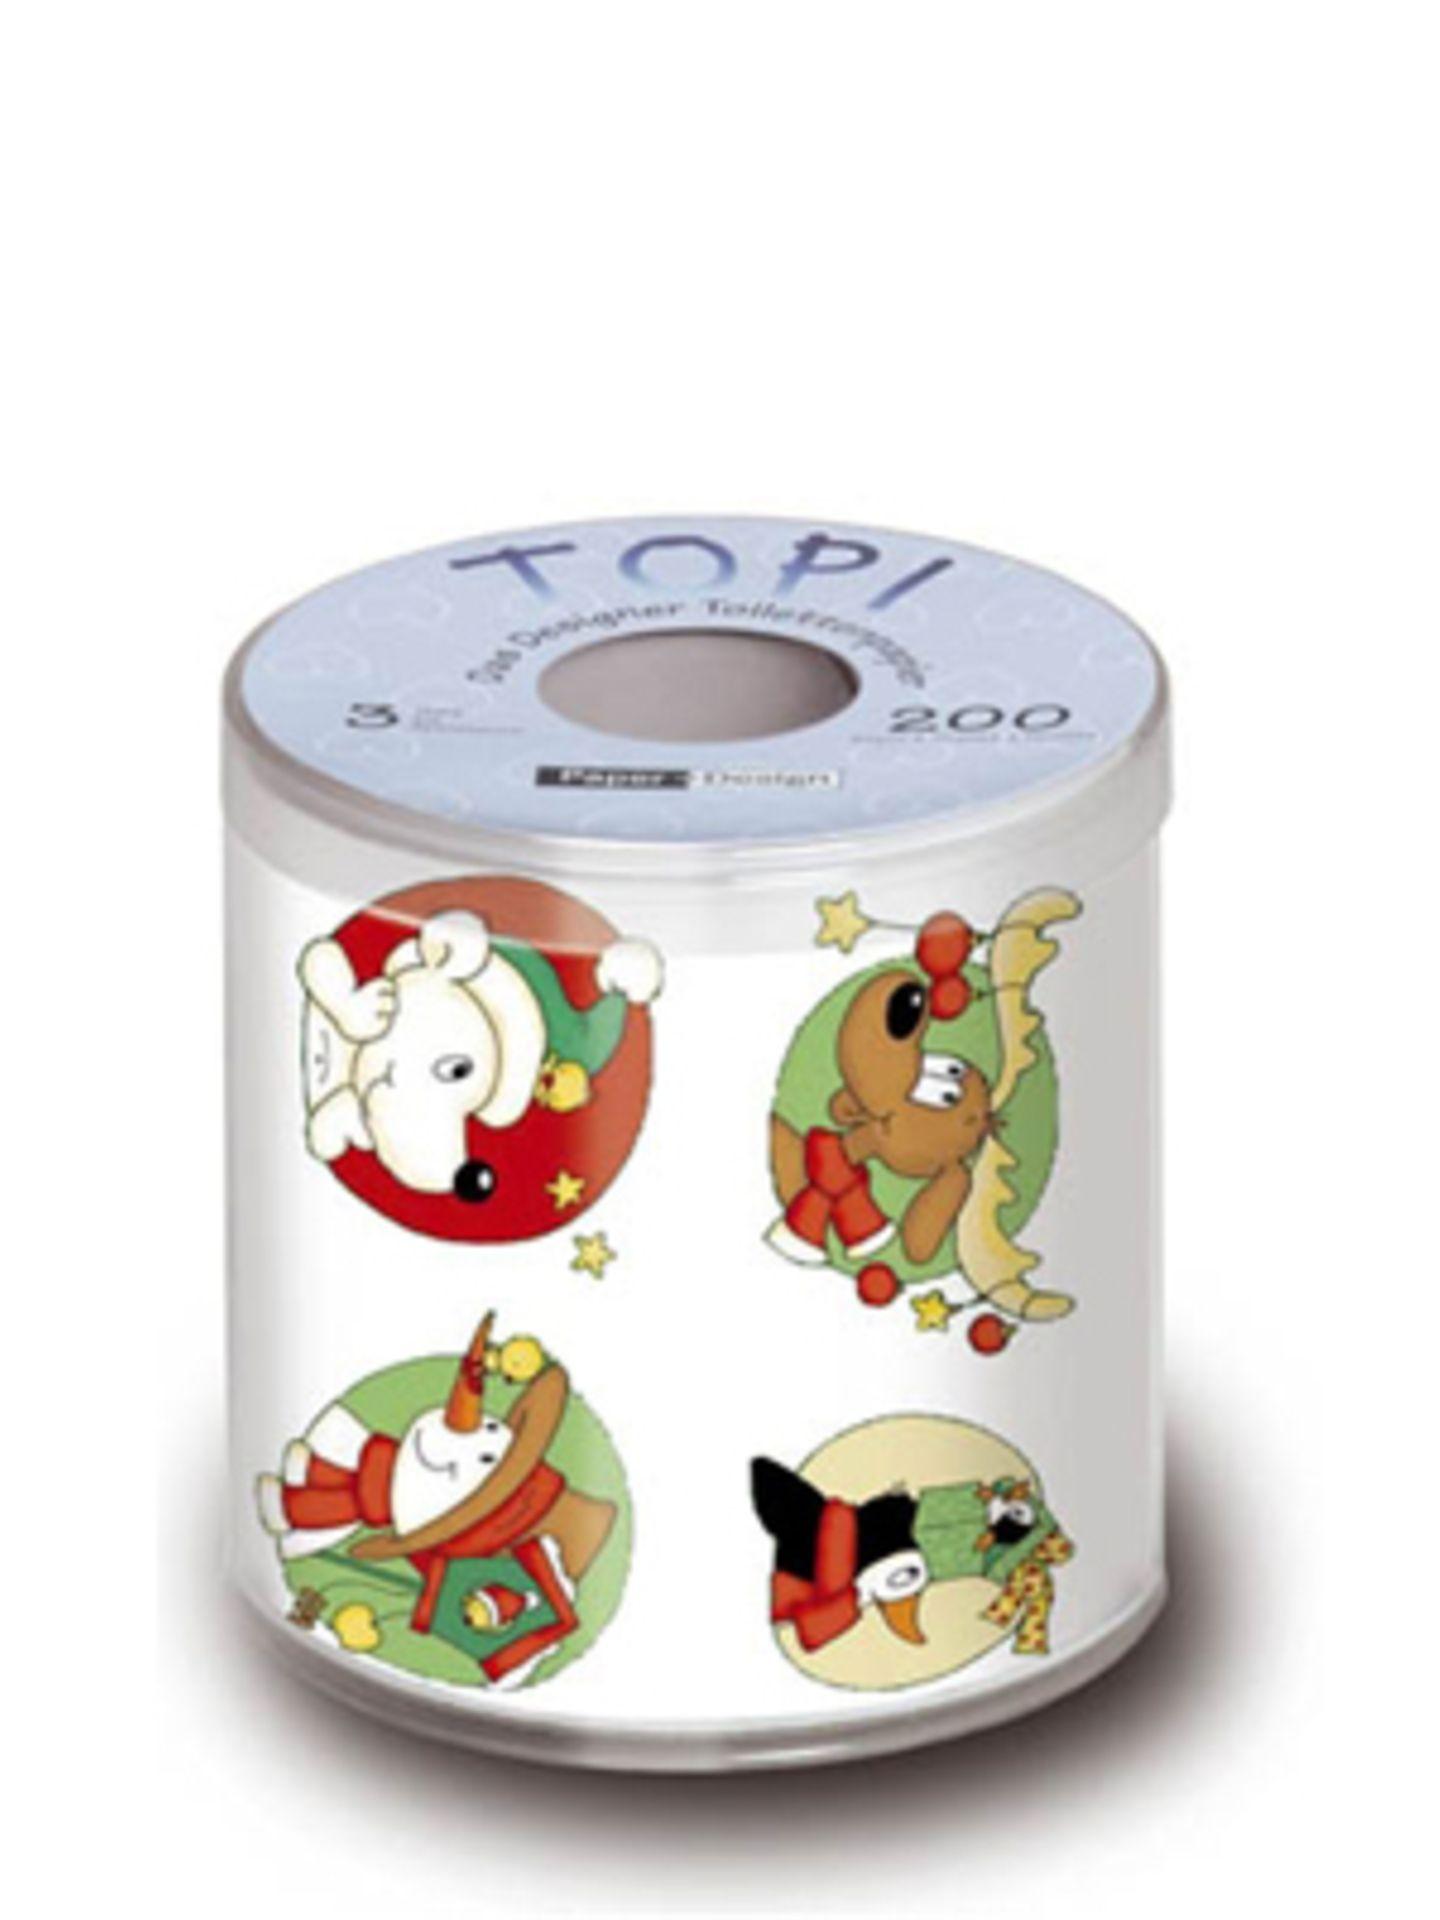 Dieses Papier braucht nun wirklich jeder. Warum also nicht Weihnachtsklopapier verschenken? Von YPSILON, um 4 Euro.